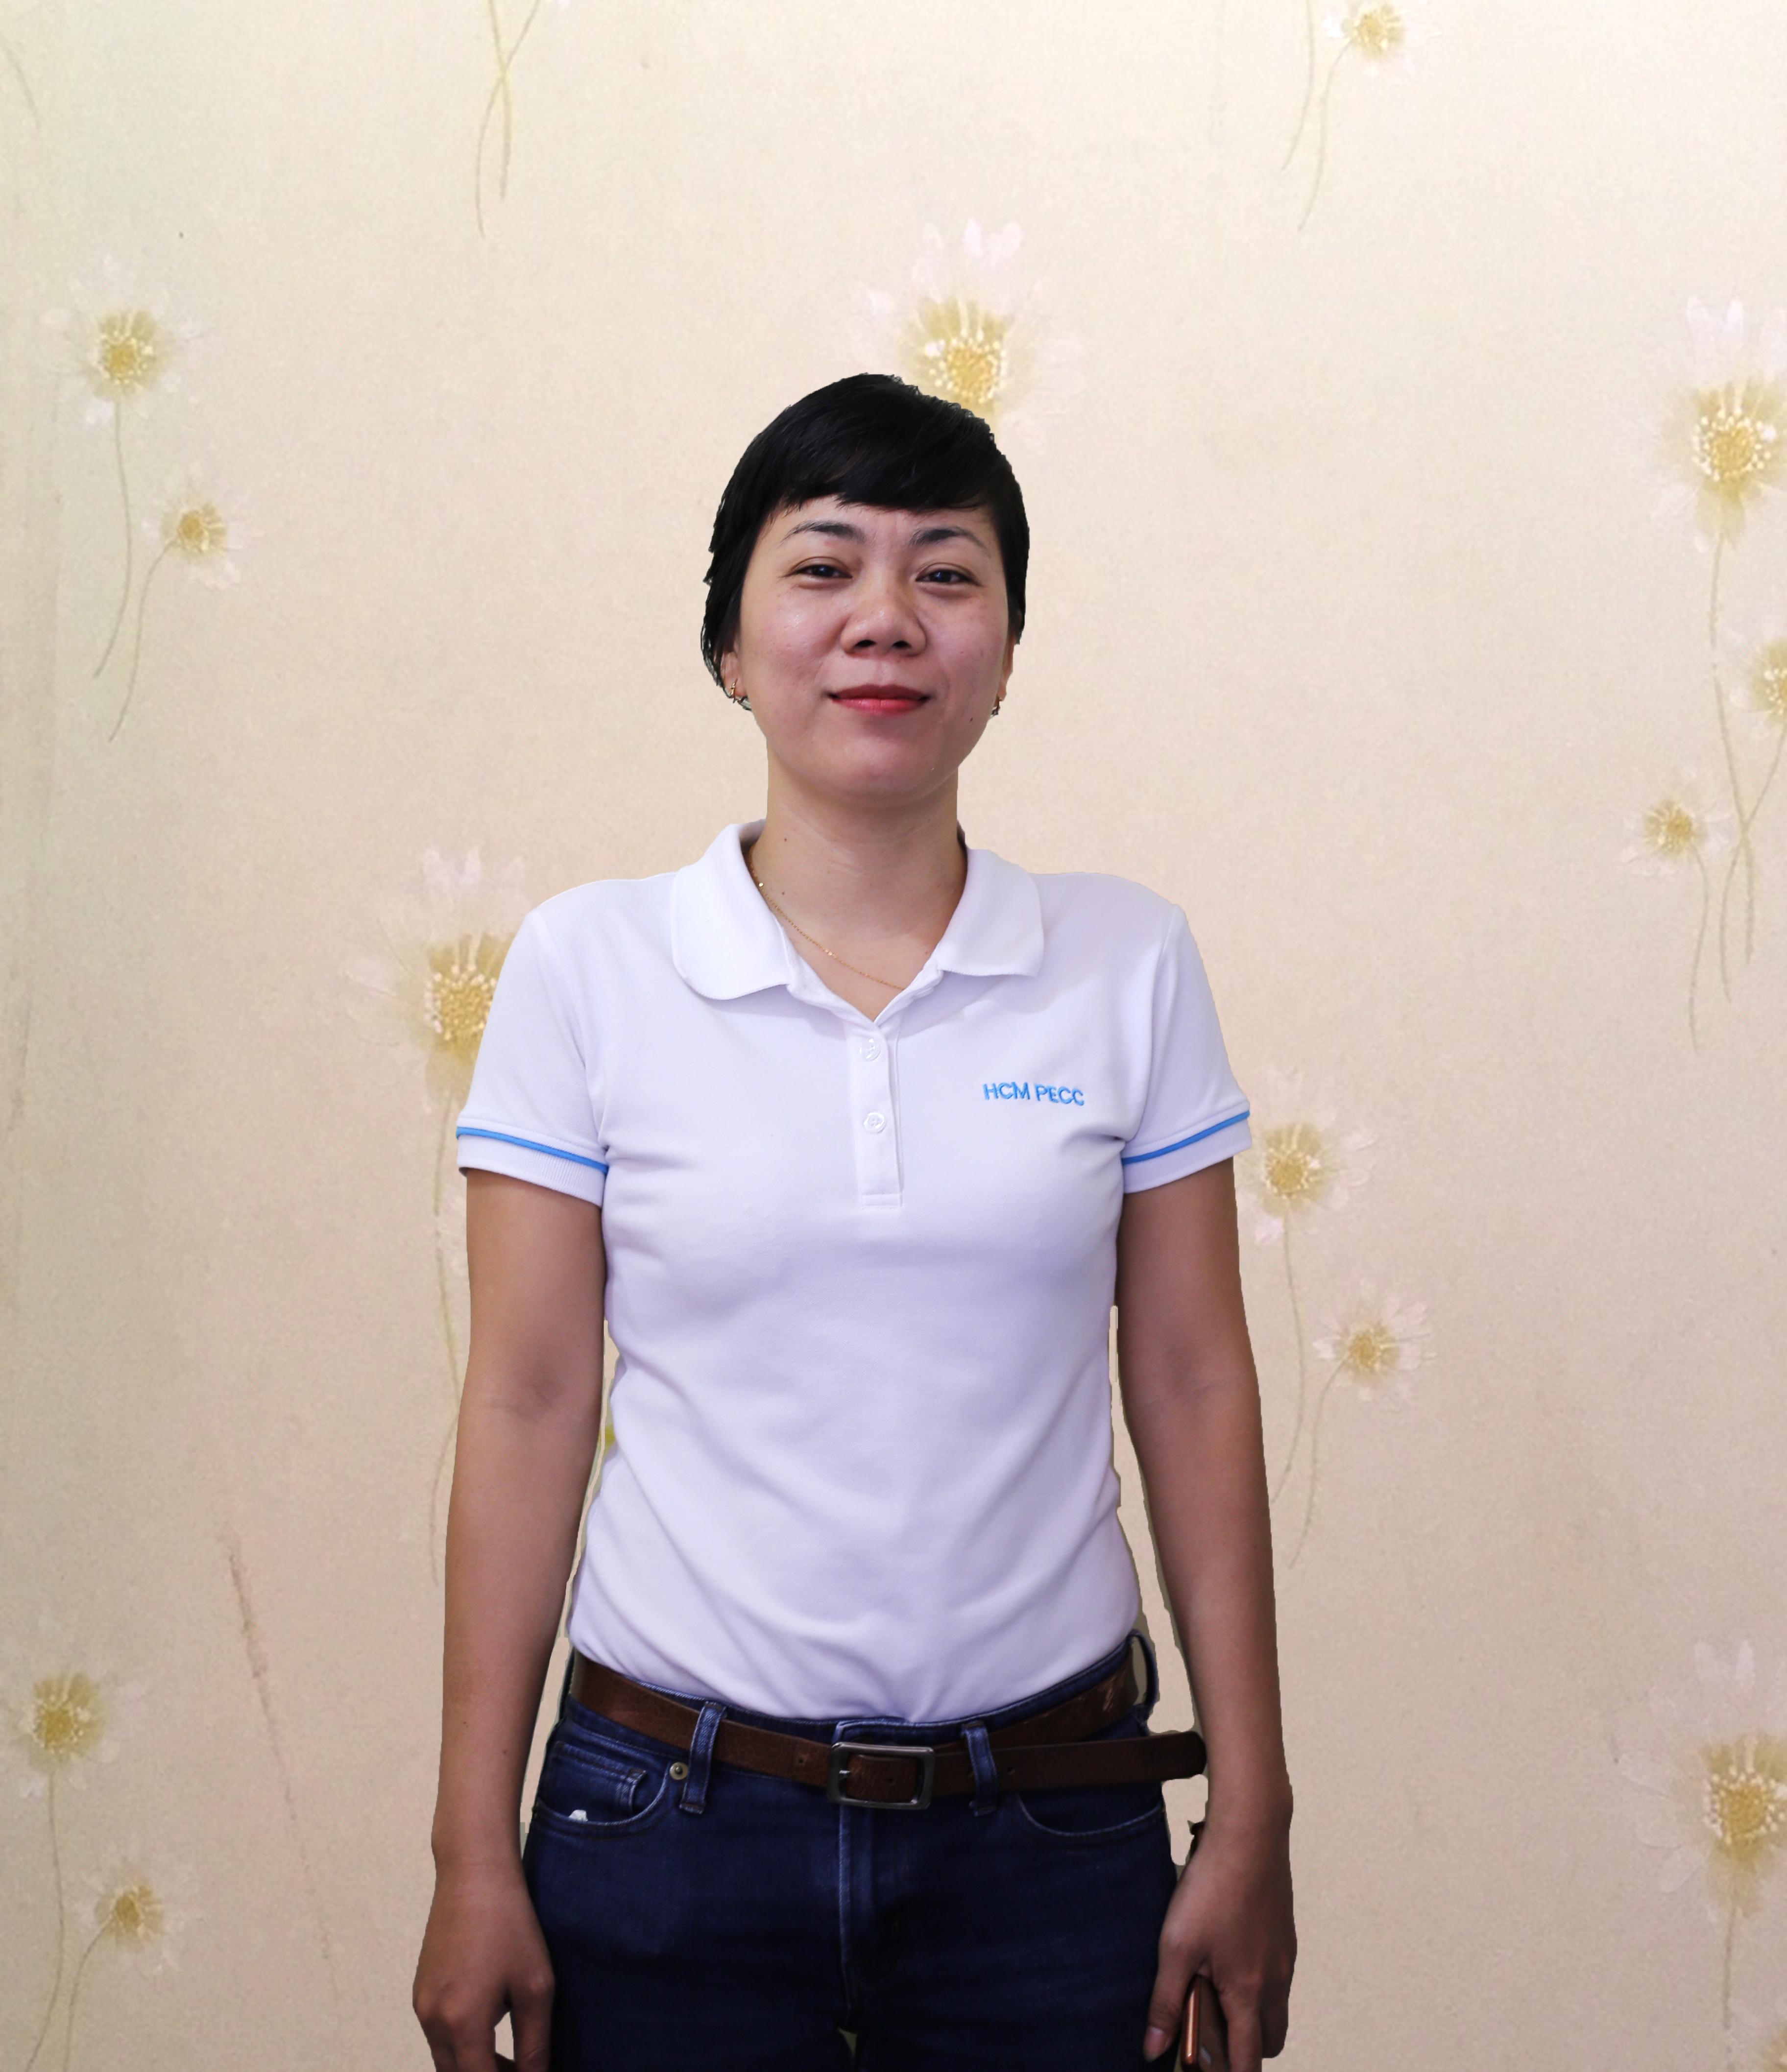 Nguyễn Thị Lộc